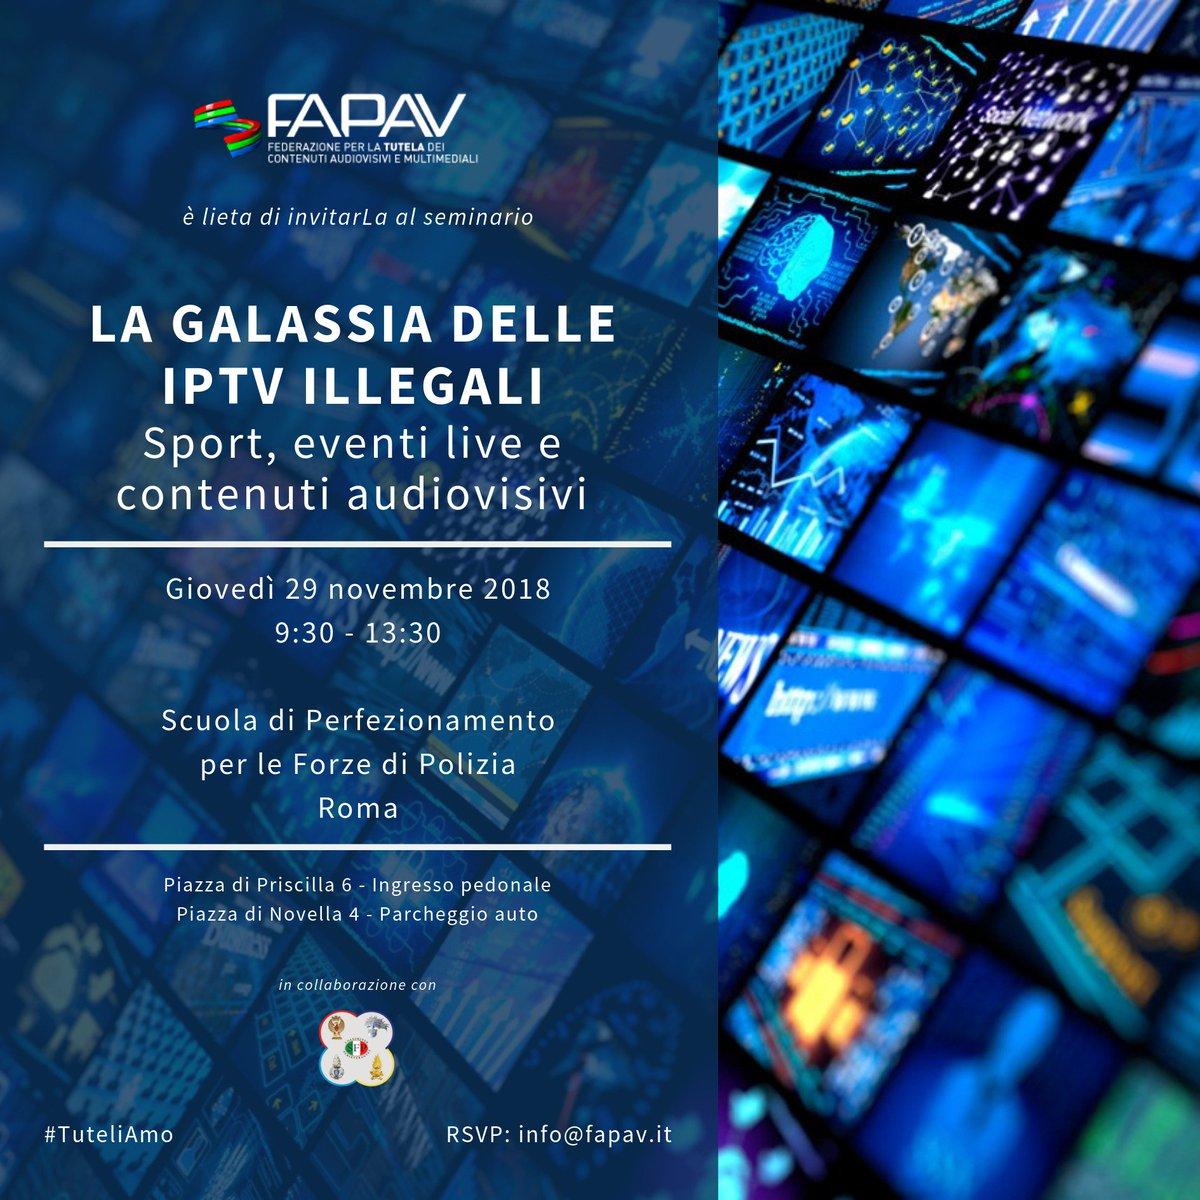 #SaveTheDate! Per la prima volta in Italia un evento dedicato interamente al fenomeno delle #IPTV illegali. Organizzato da #FAPAV in collaborazione con la Scuola di Perfezionamento per le Forze di Polizia. Vi aspettiamo il 29 novembre a partire dalle ore 9:30. #ToBeContinued